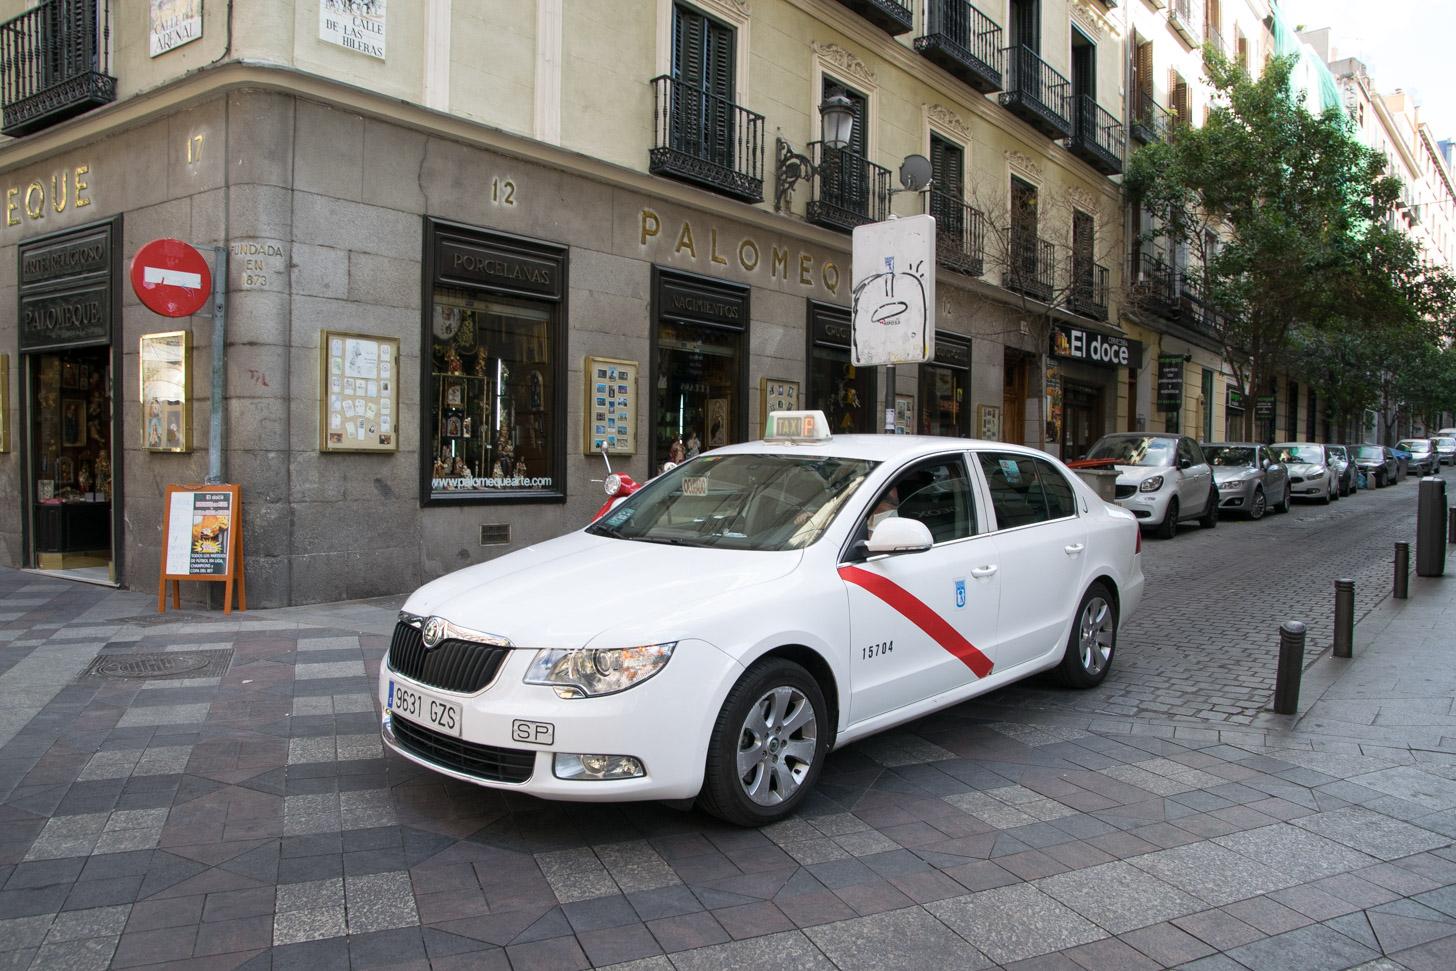 Een witte taxi in Madrid.